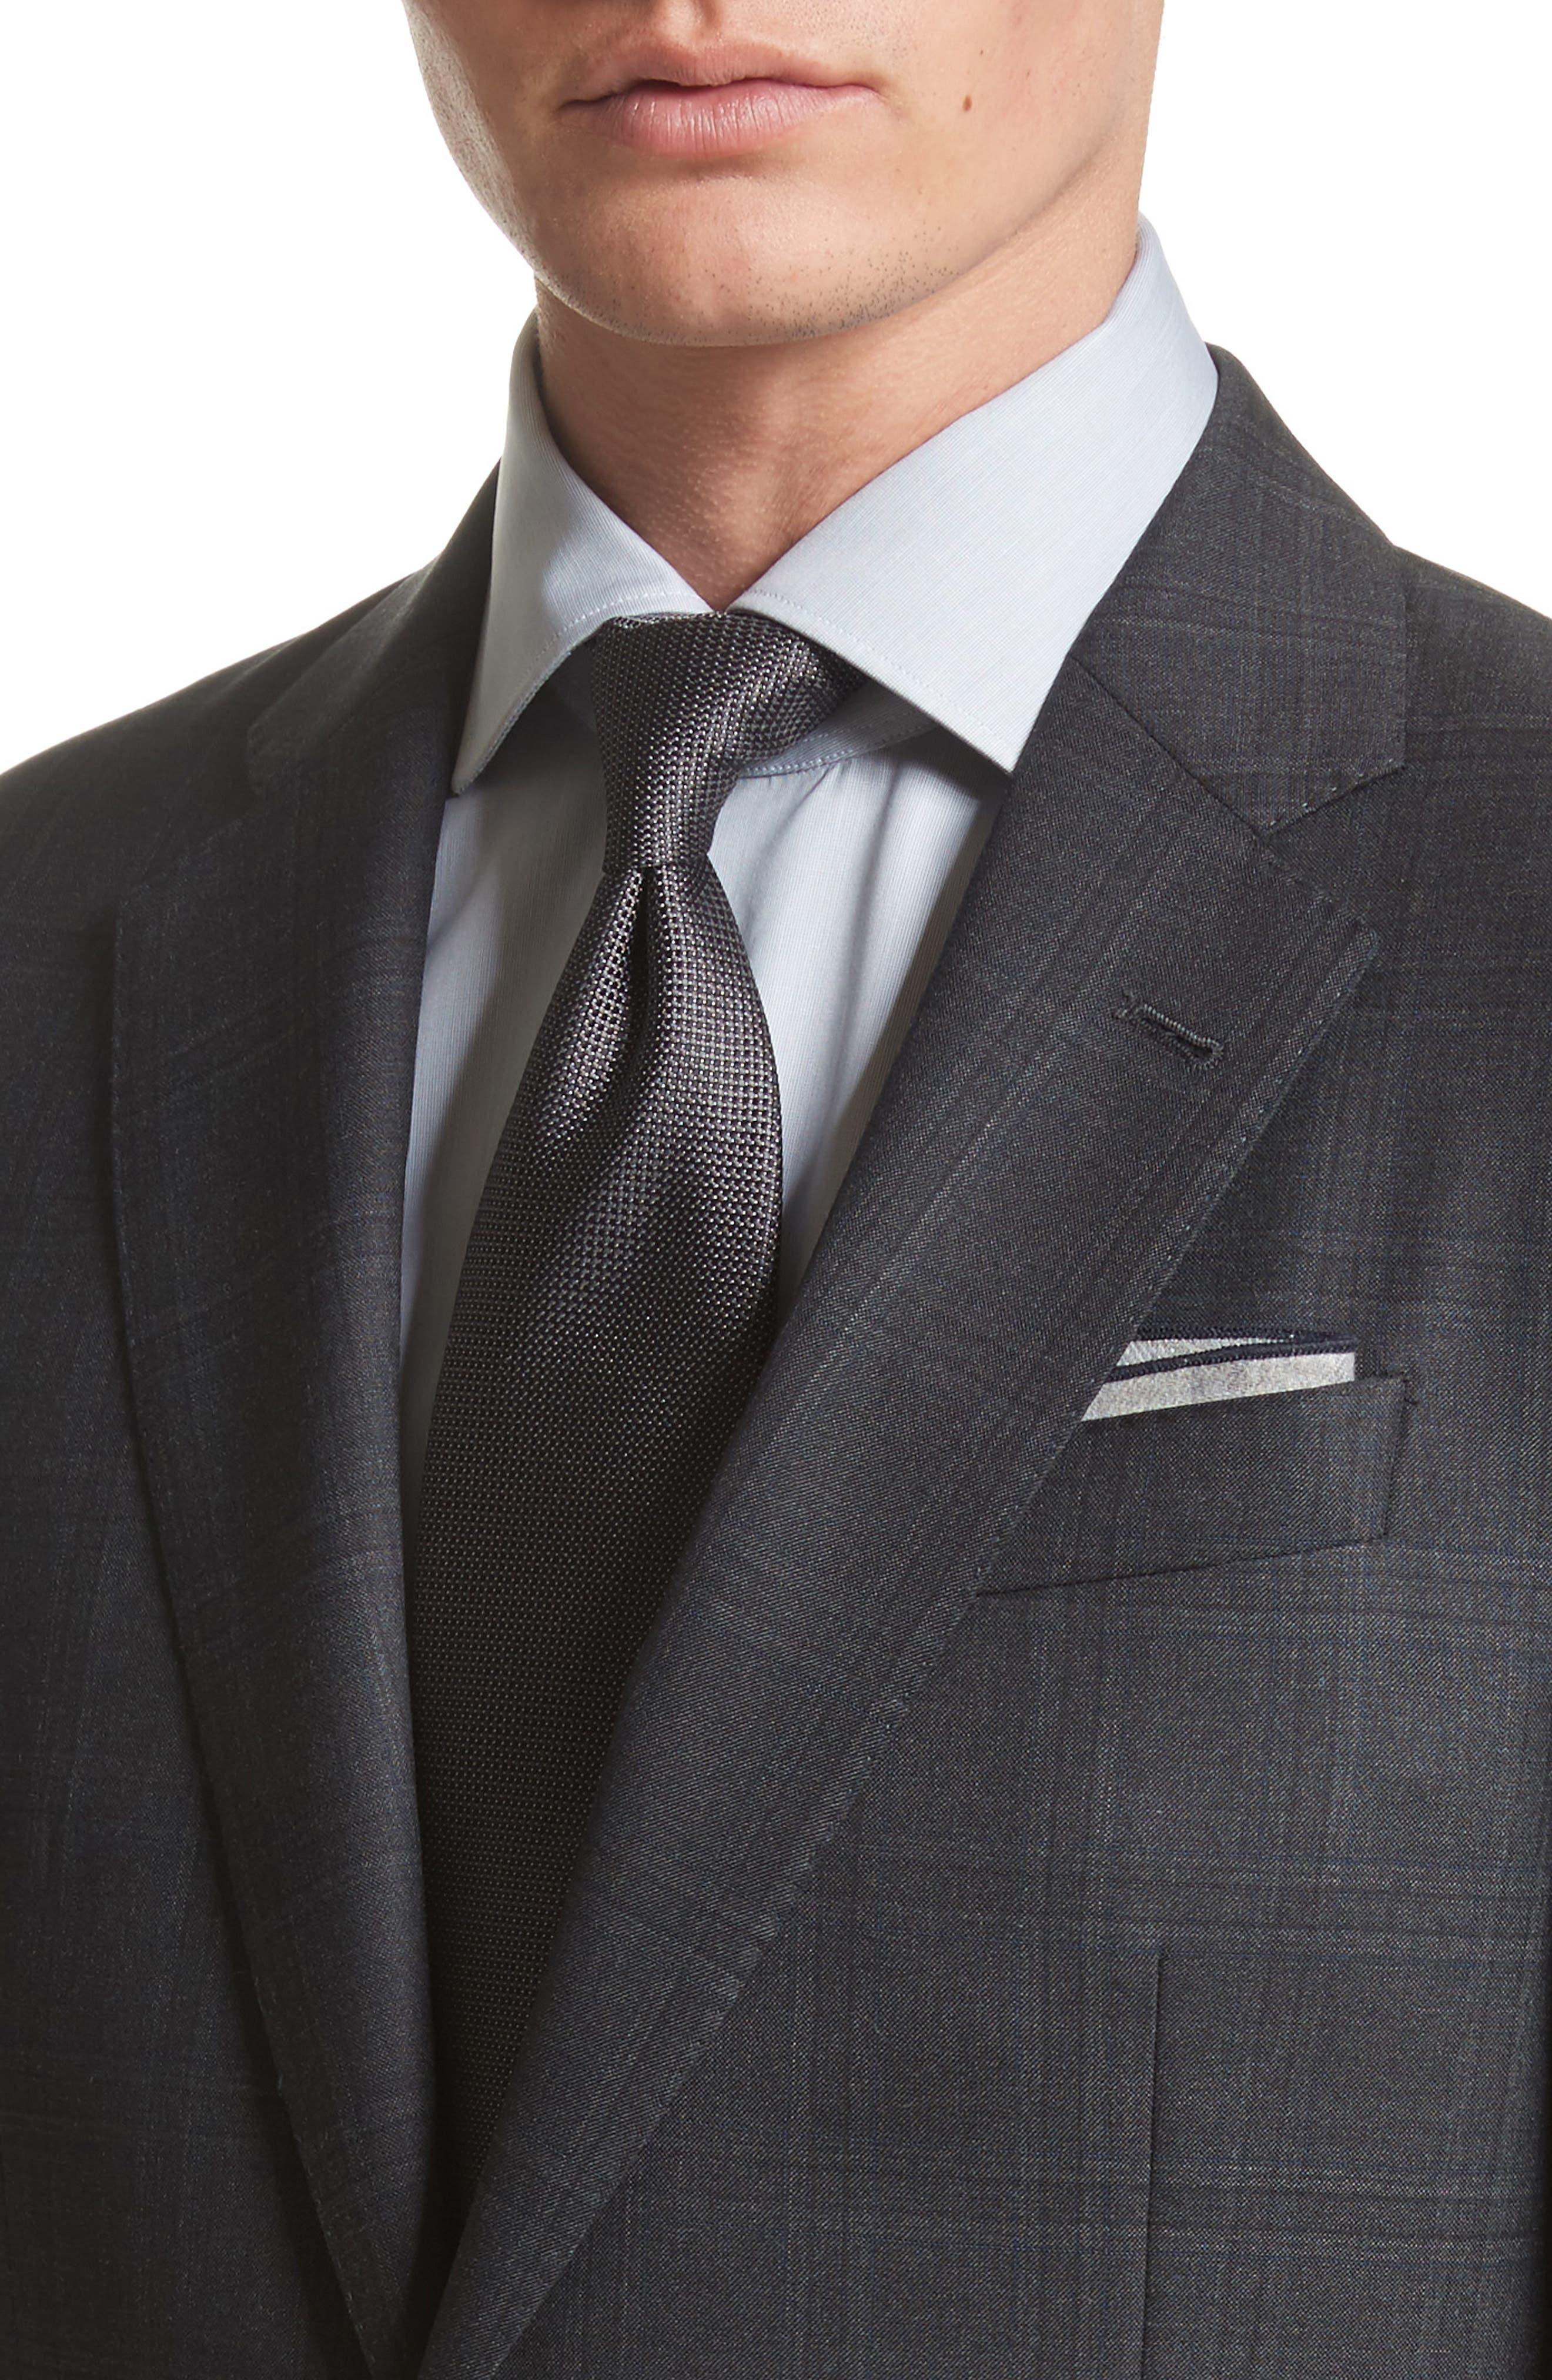 G-Line Trim Fit Plaid Wool Suit,                             Alternate thumbnail 4, color,                             017